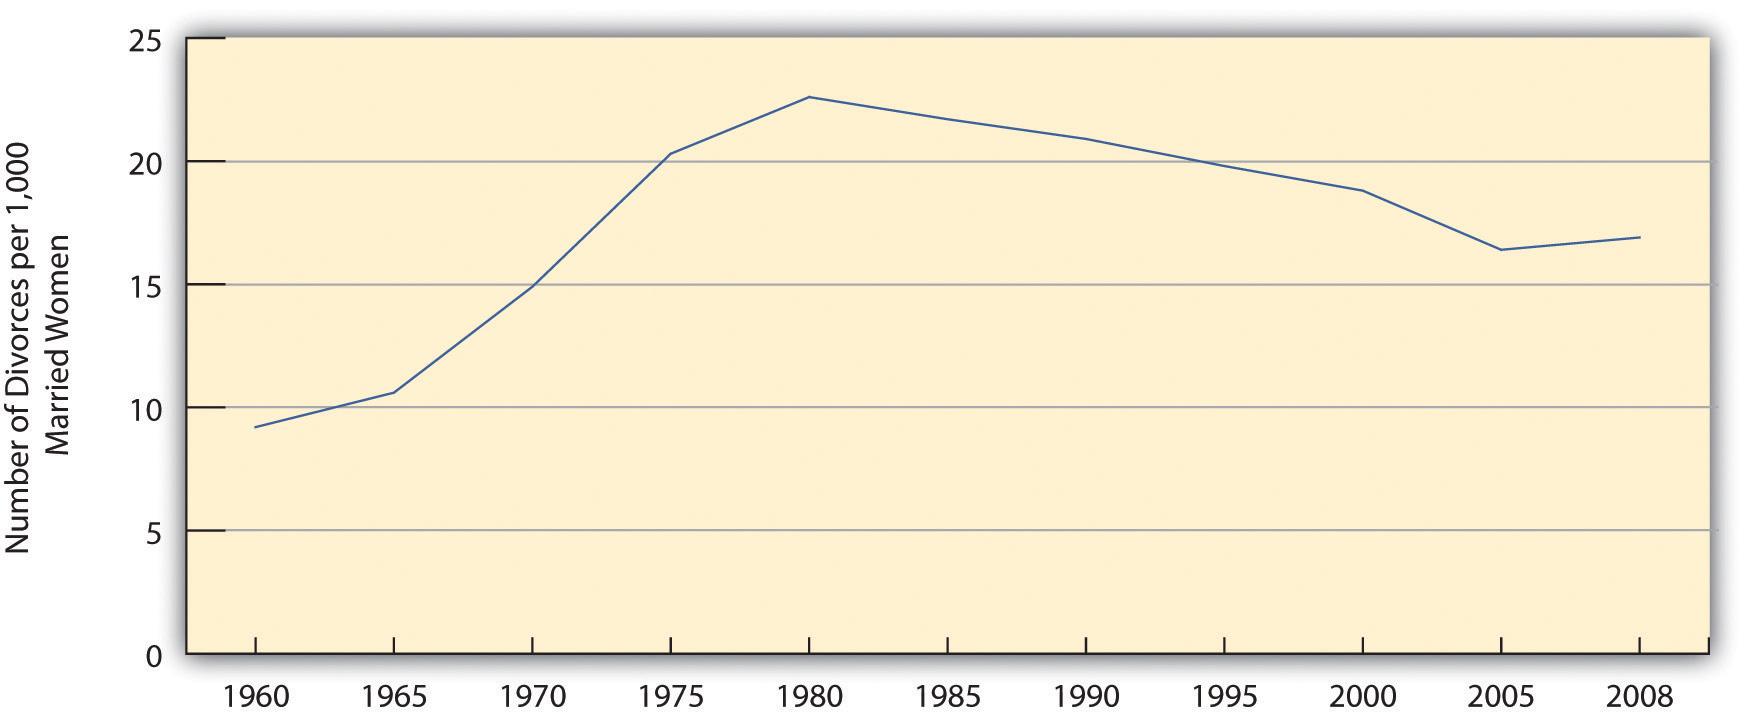 Number of Divorces per 1,000 Married Women Aged 15 or Older